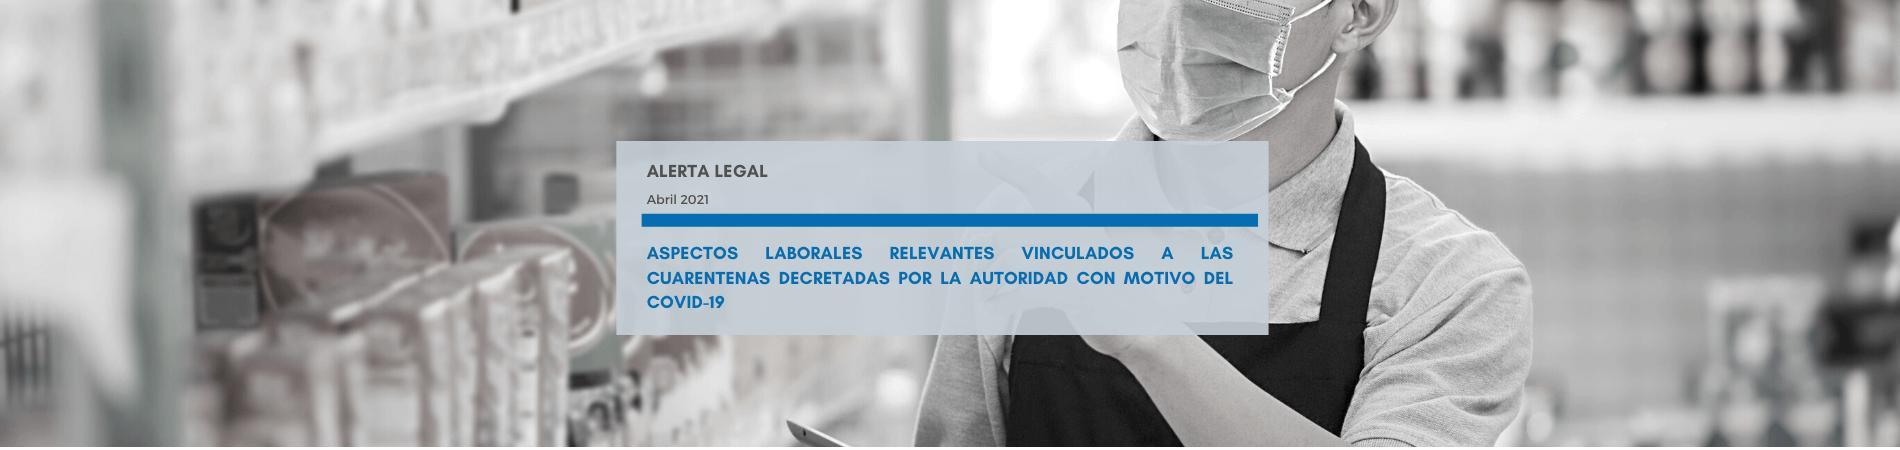 Alerta Legal | Aspectos laborales relevantes vinculados a las cuarentenas decretadas por la autoridad con motivo del Covid-19